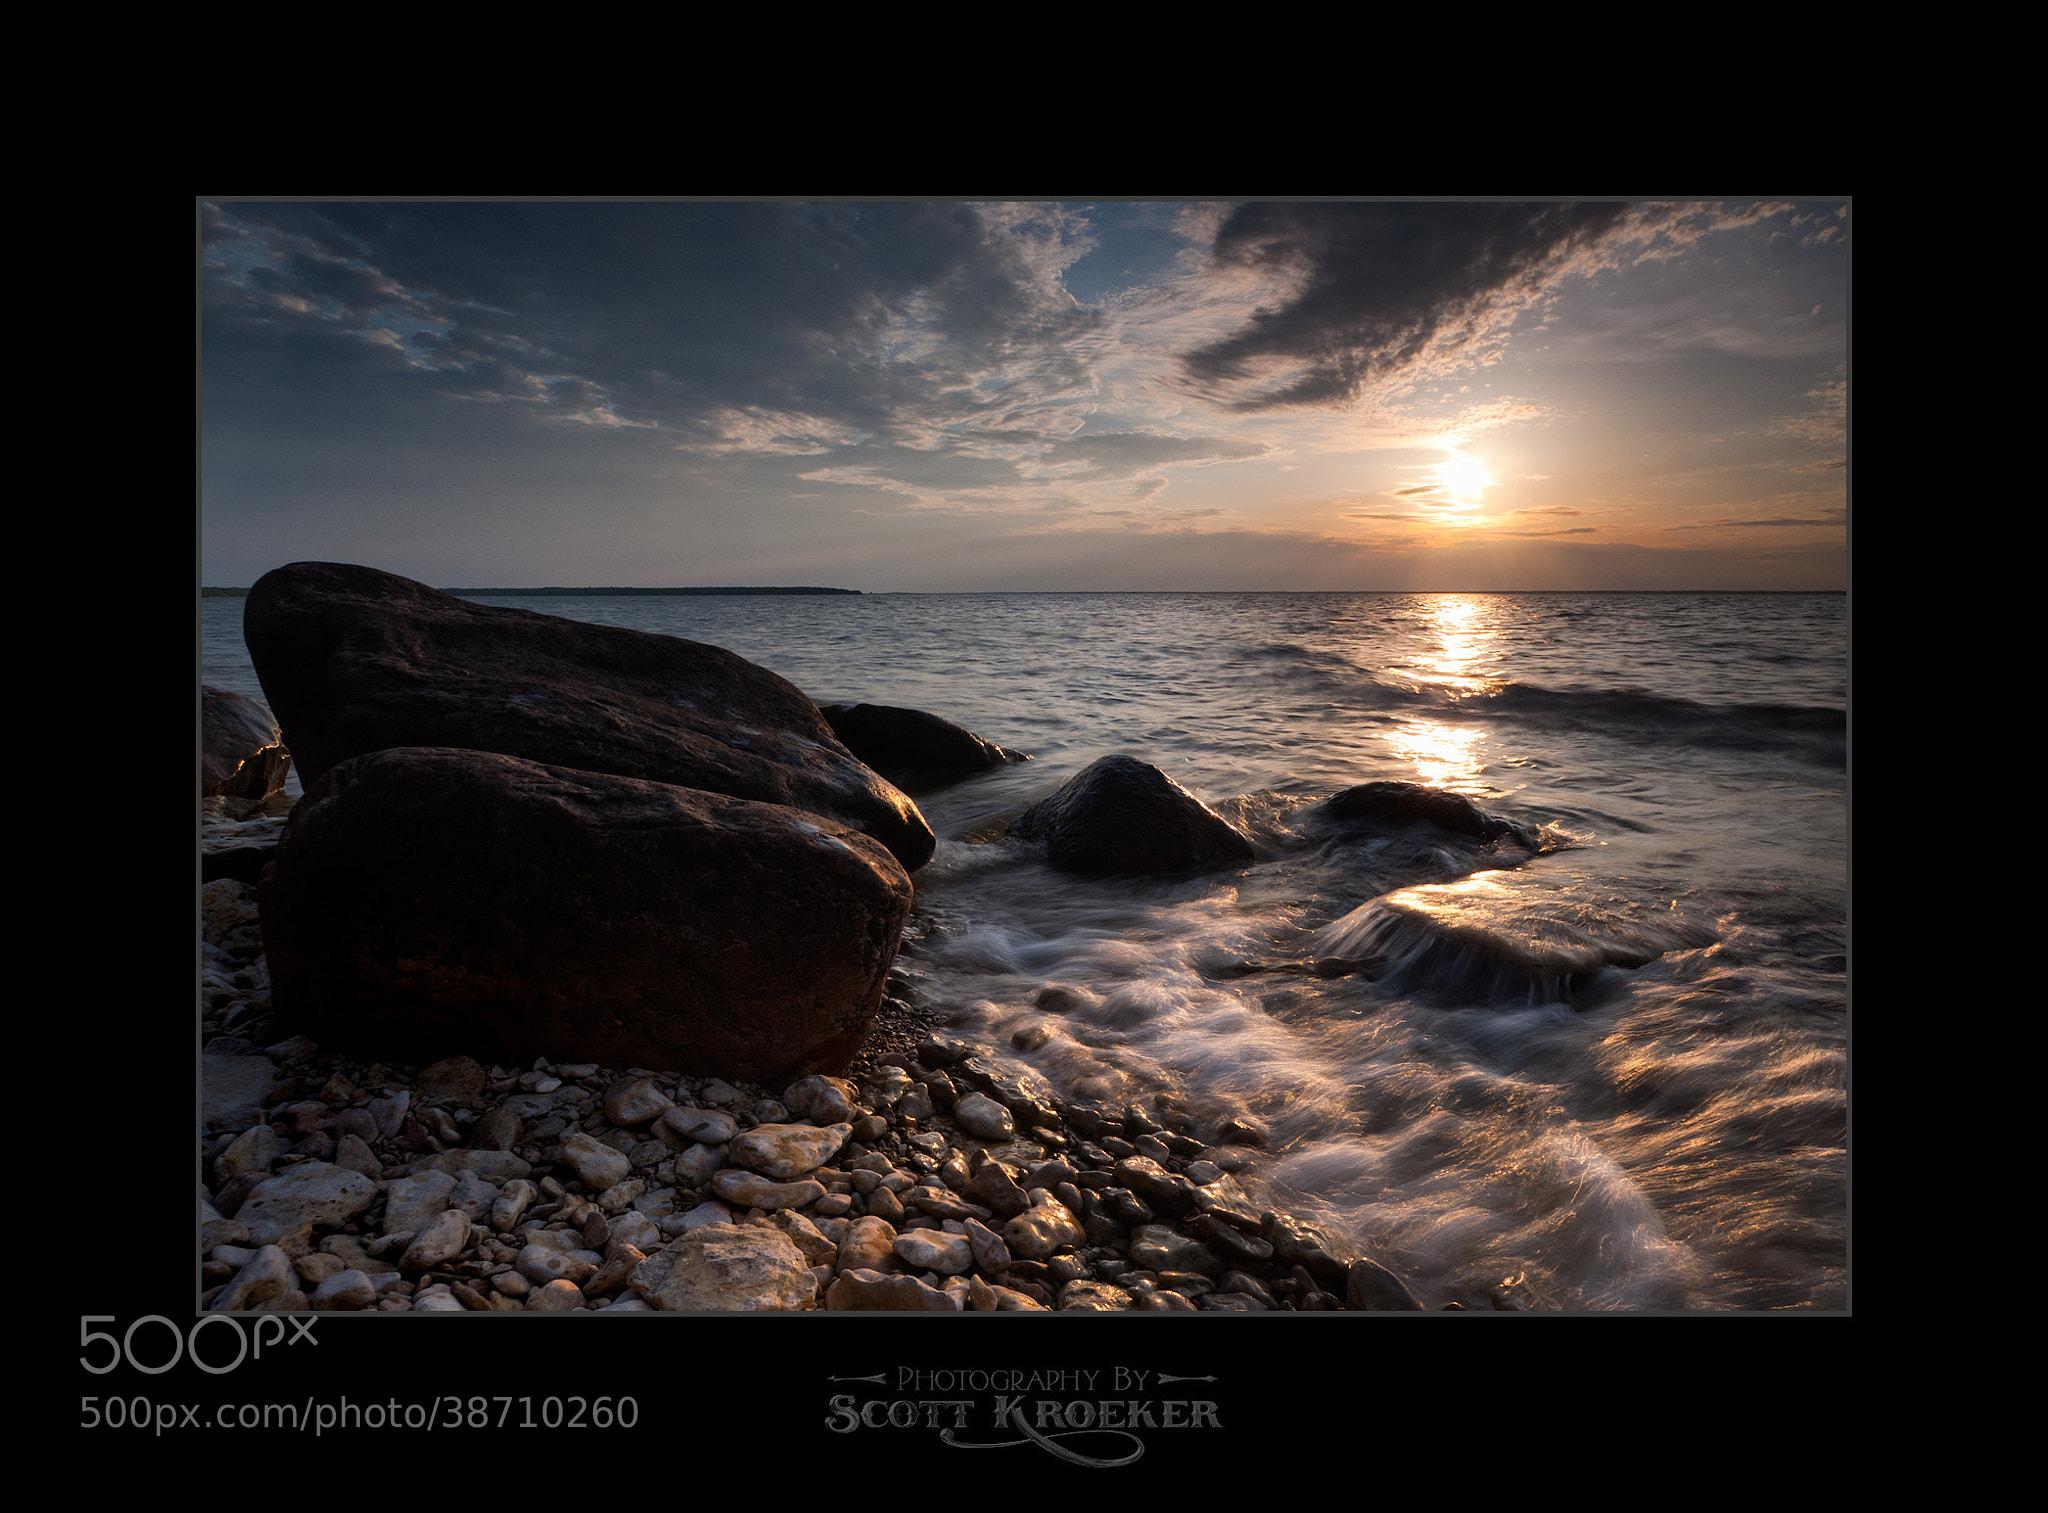 Photograph Hecla Island by Scott Kroeker on 500px